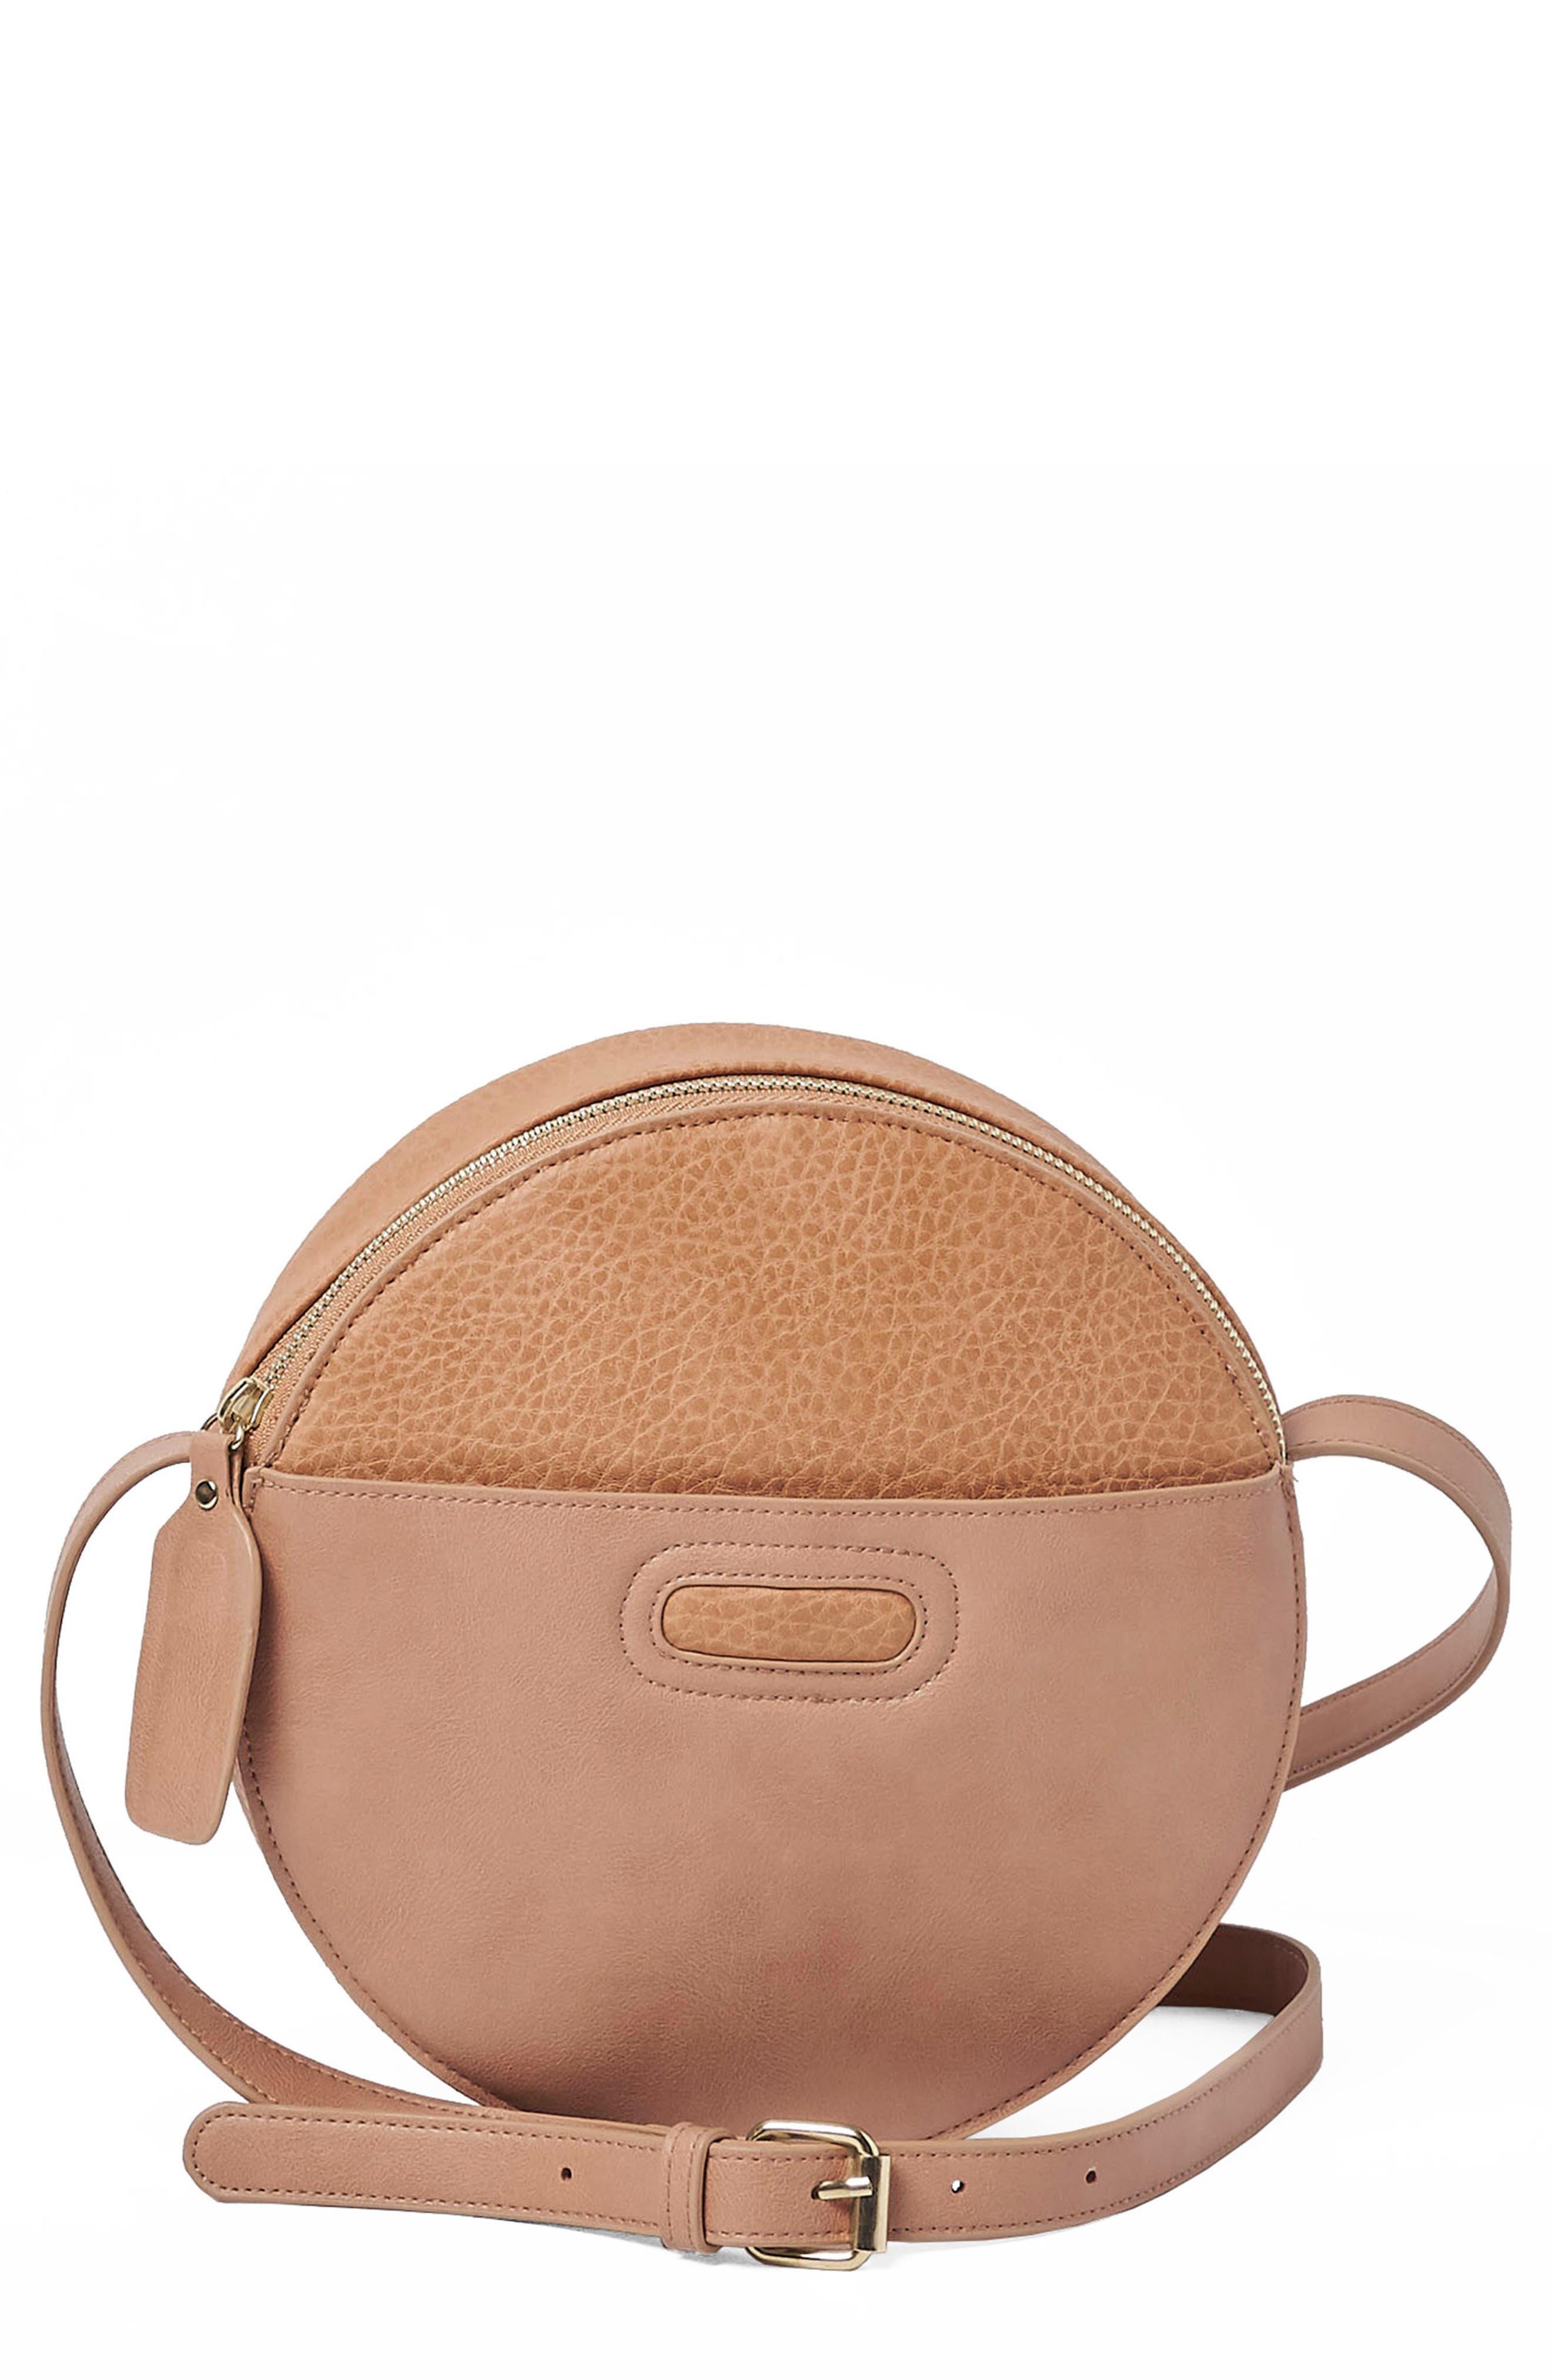 URBAN ORIGINALS,                             Carousel Vegan Leather Crossbody Bag,                             Main thumbnail 1, color,                             LATTE